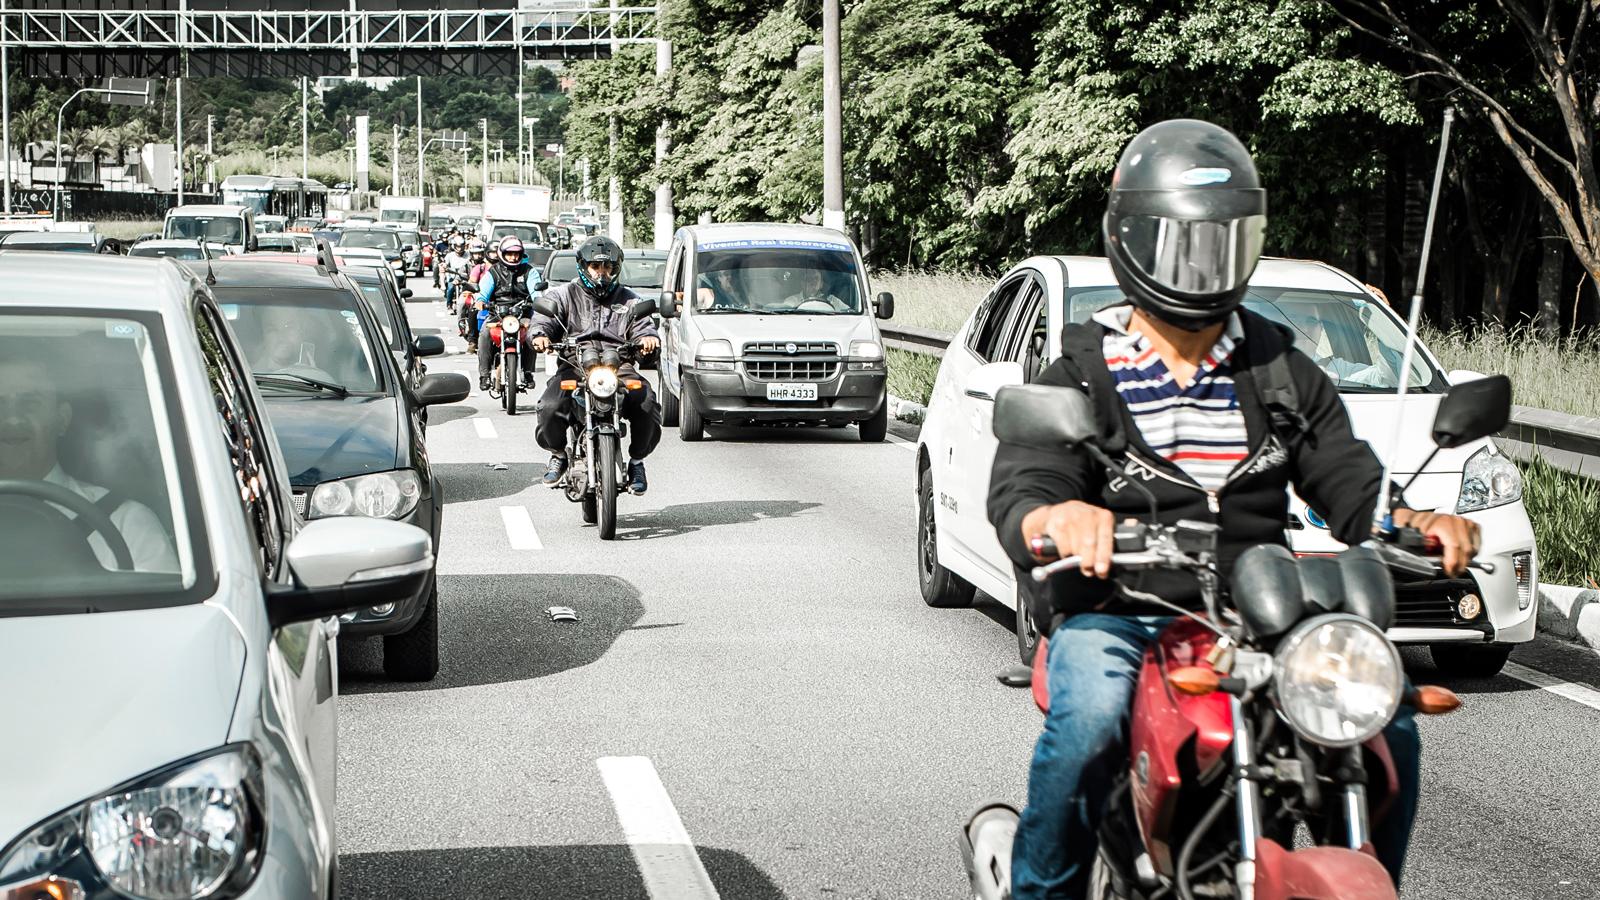 O trânsito de motos entre veículos parados é uma realidade